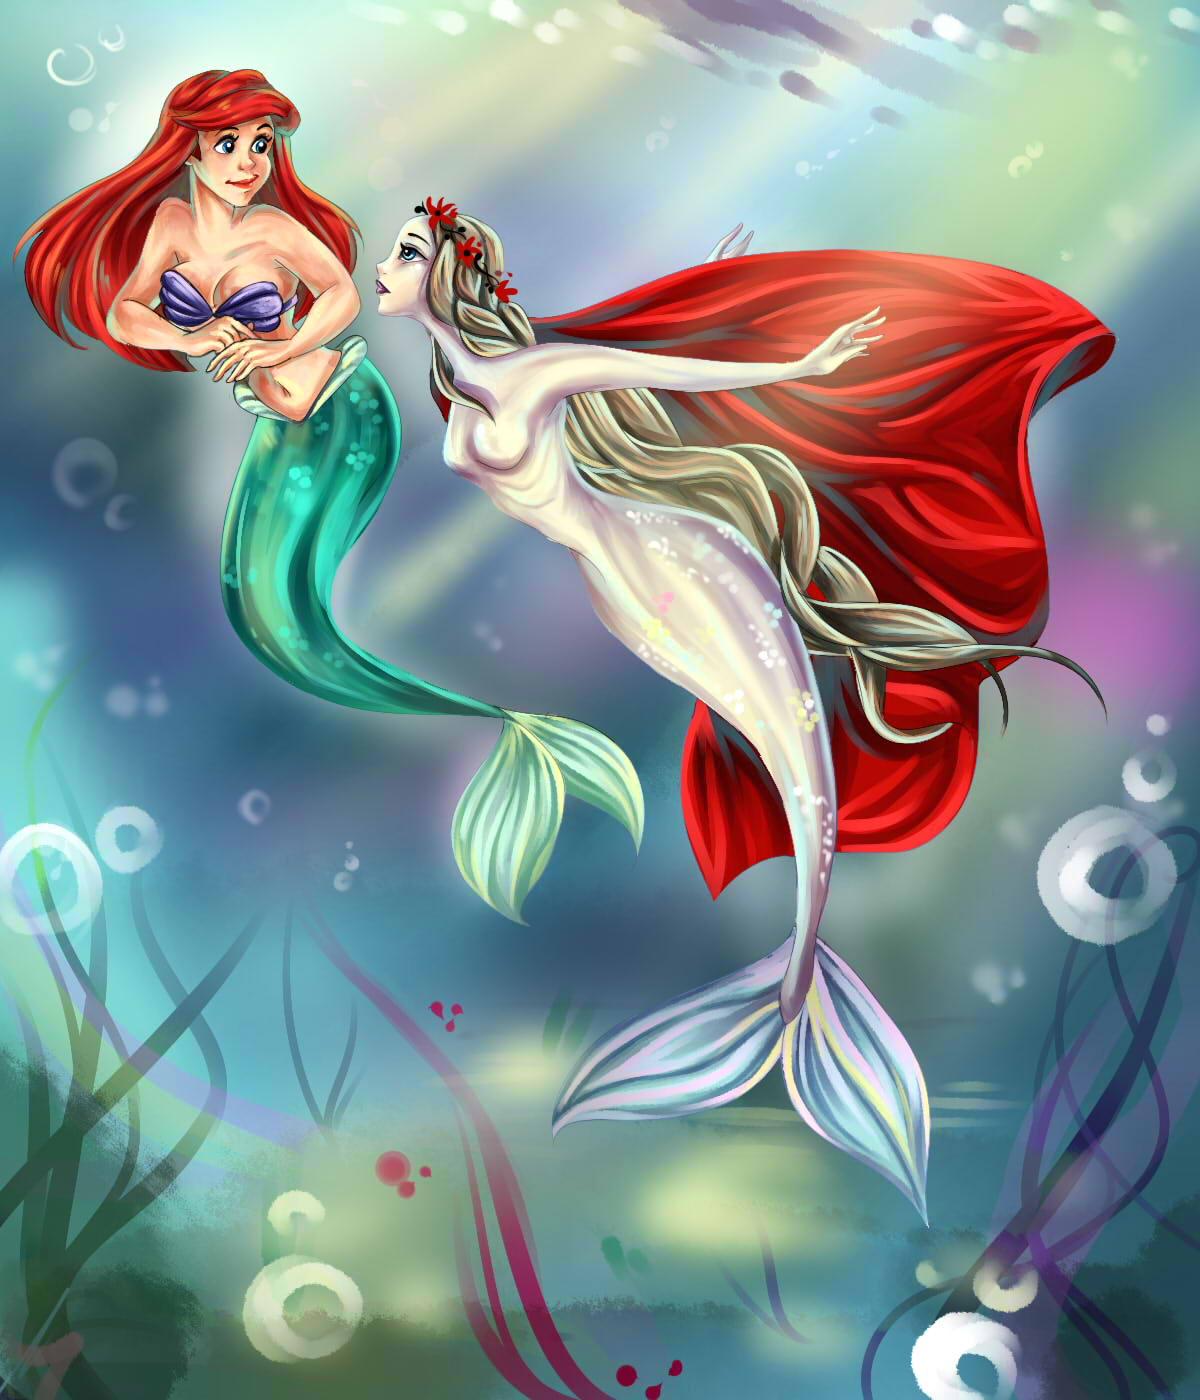 Blonde Hair Mermaid With Blue Tail Underwater Art: #657108: Nogicu